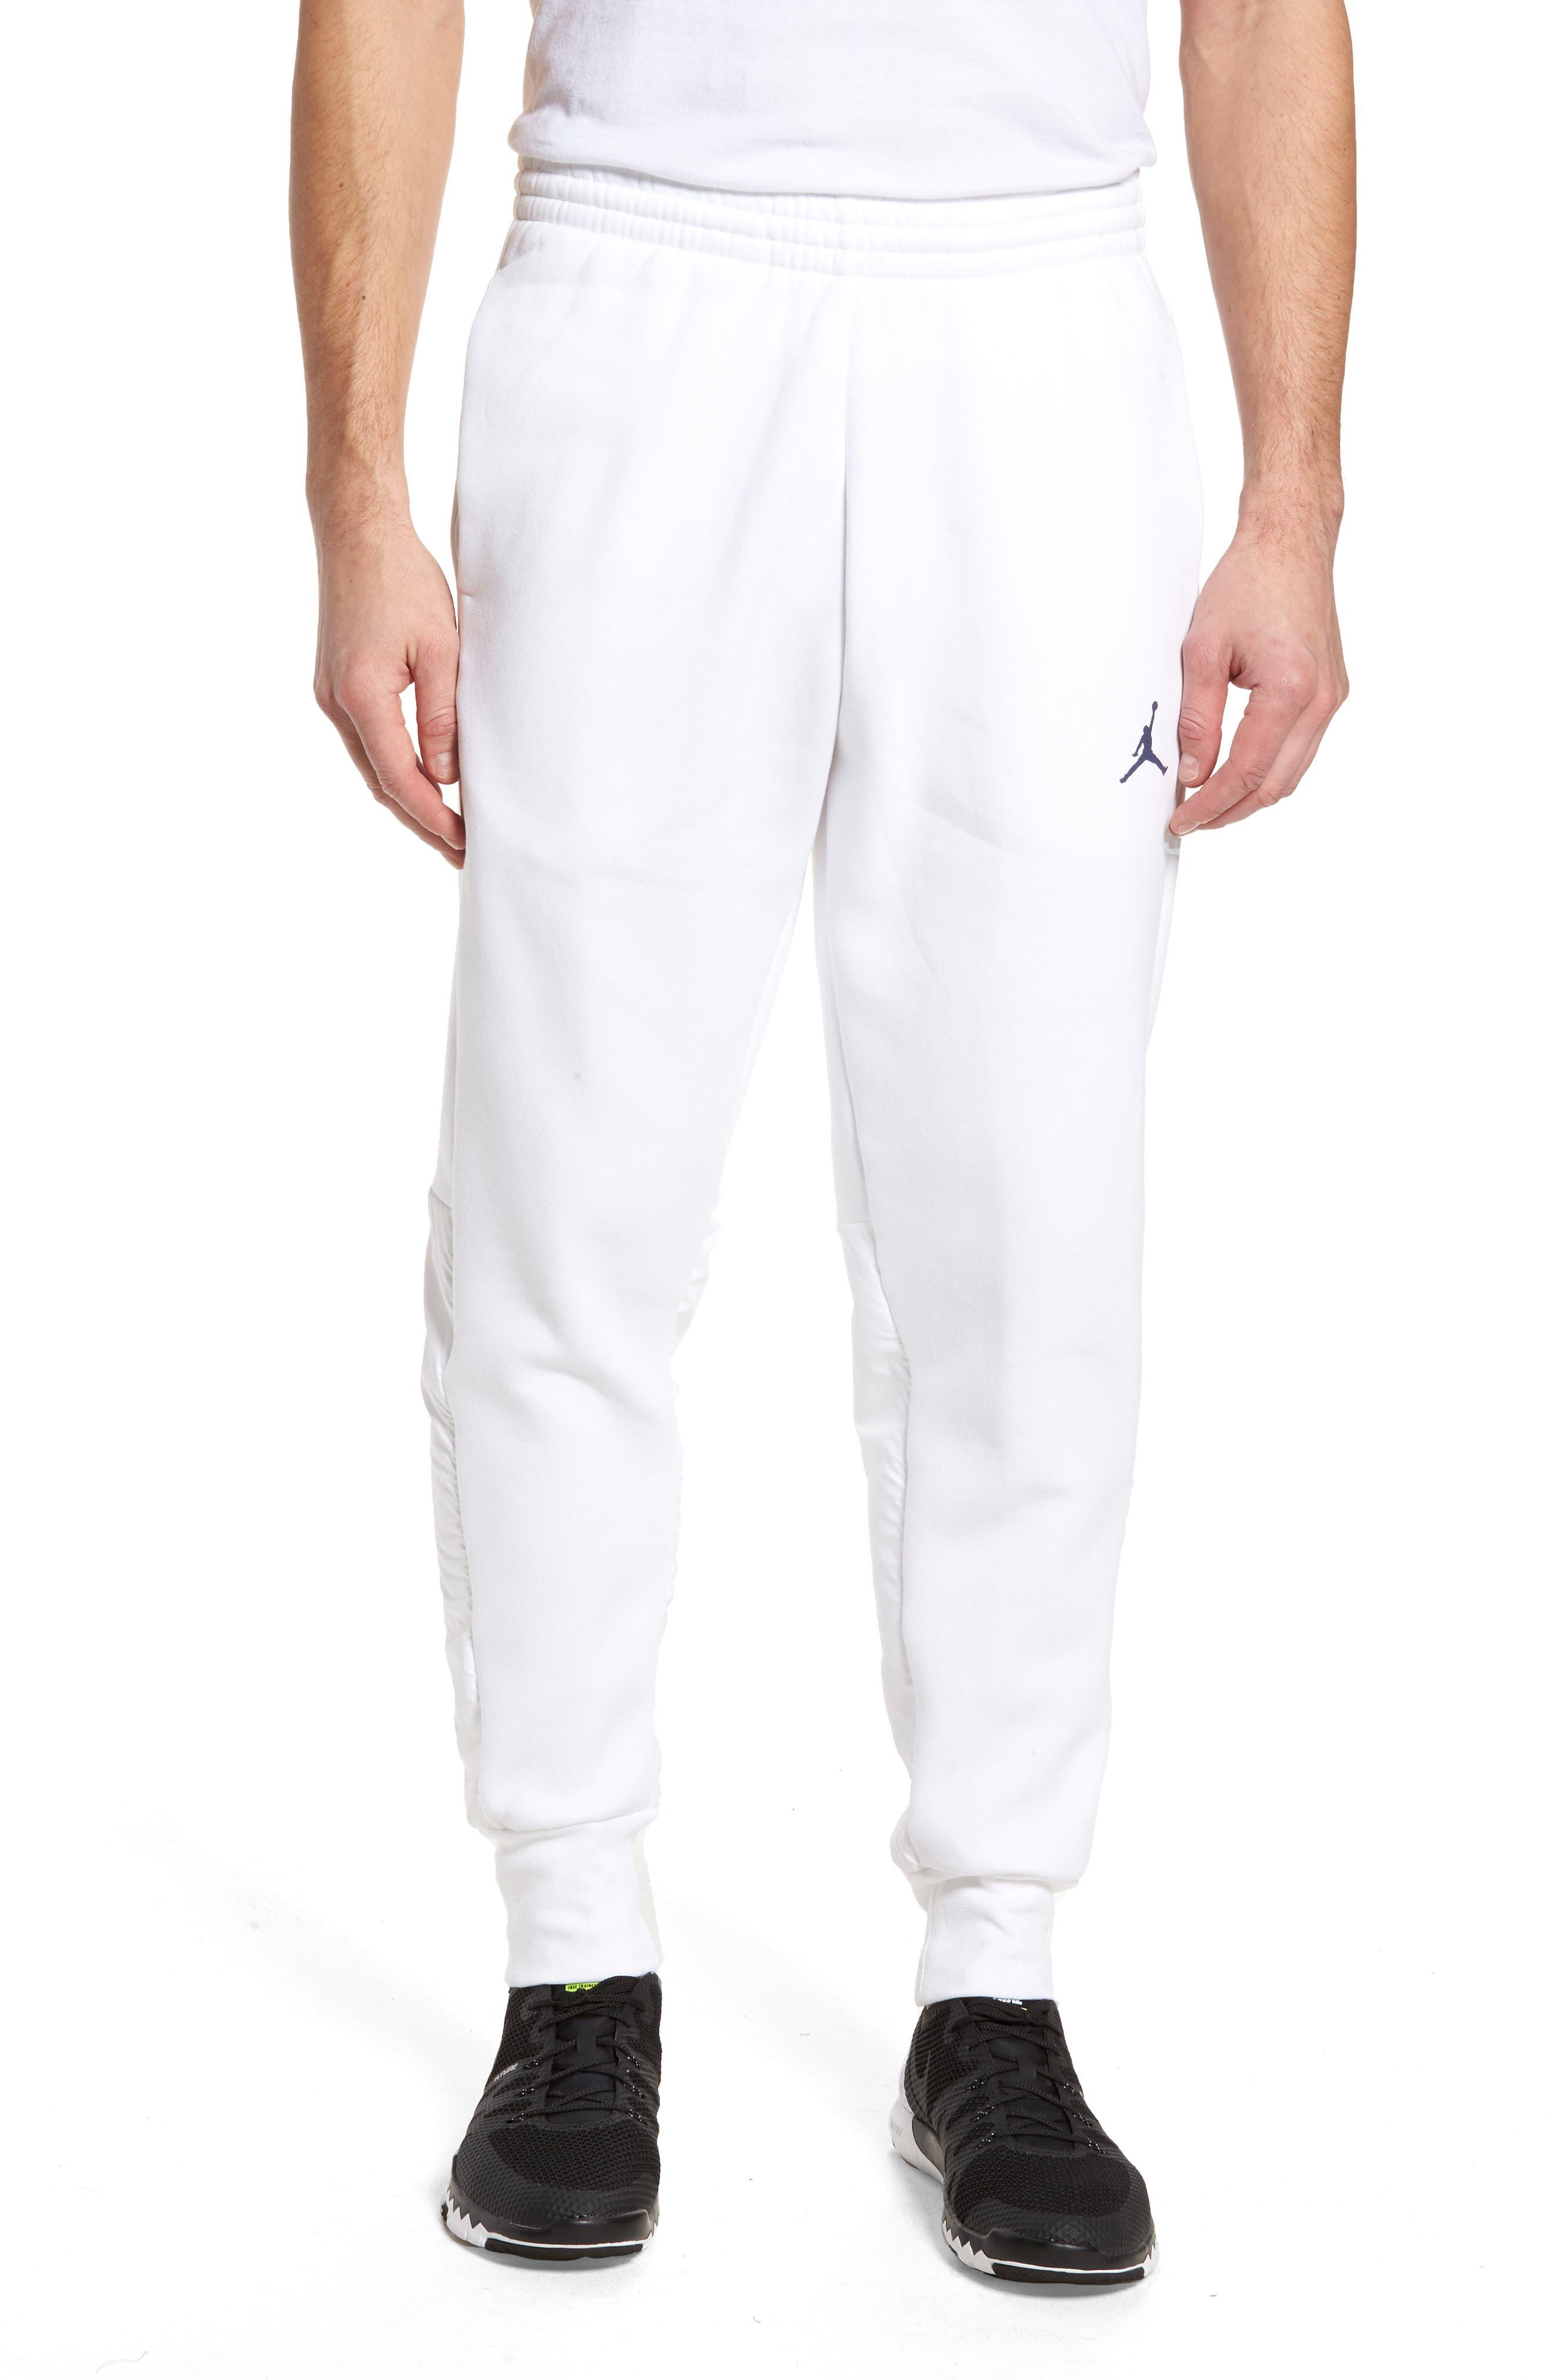 Jordan AJ11 Hybrid Pants,                             Main thumbnail 1, color,                             White